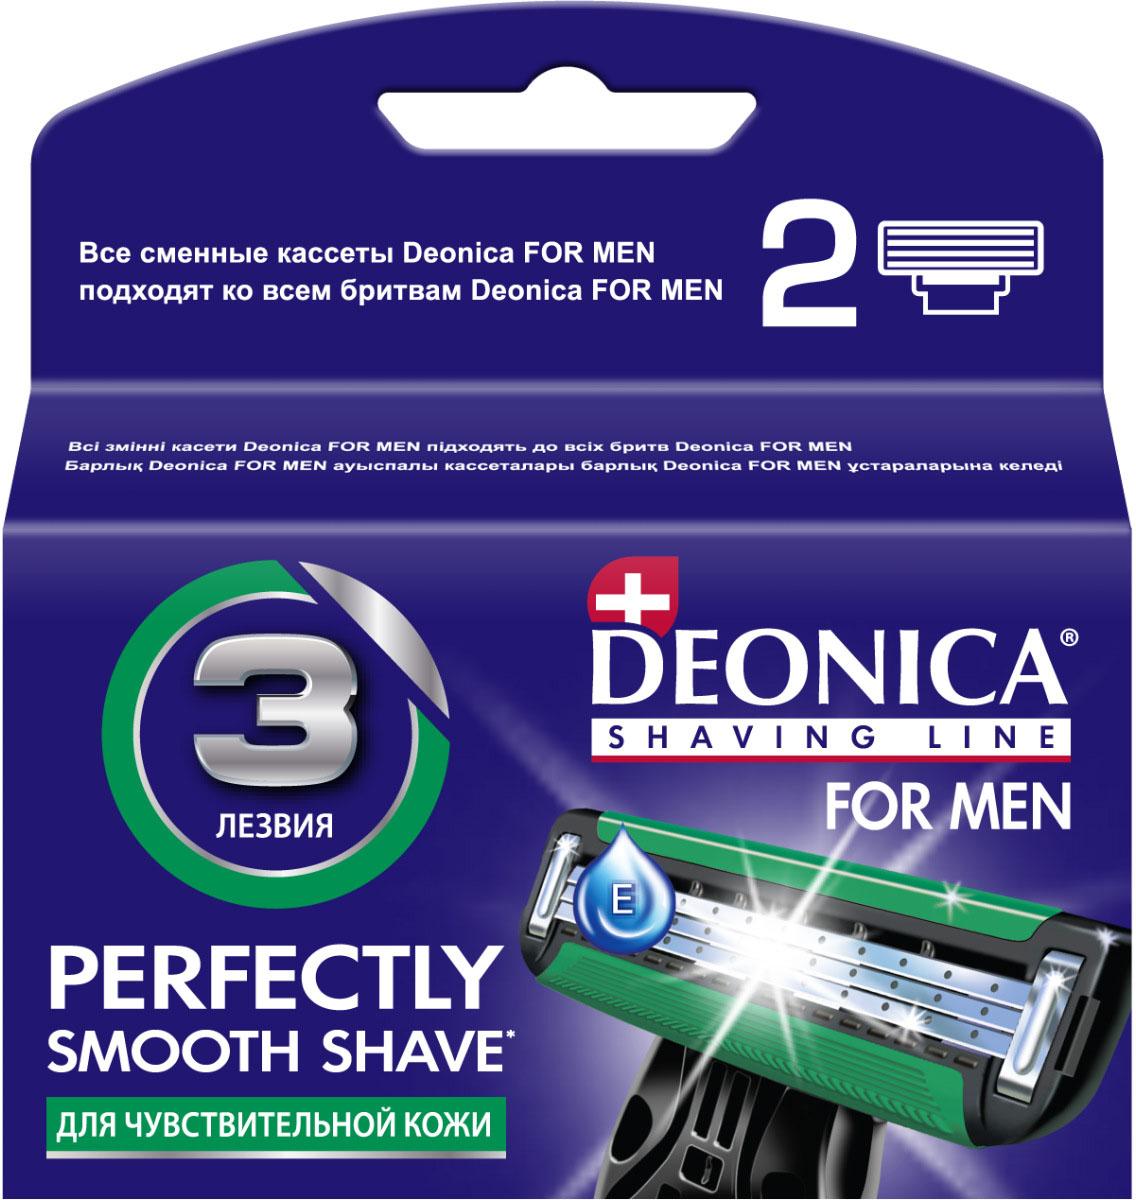 Deonica Сменные кассеты для бритья, 3 лезвия c КЕРАМИЧЕСКИМ антибактериальным и увлажняющим покрытием!!! Совместимы со всеми станками